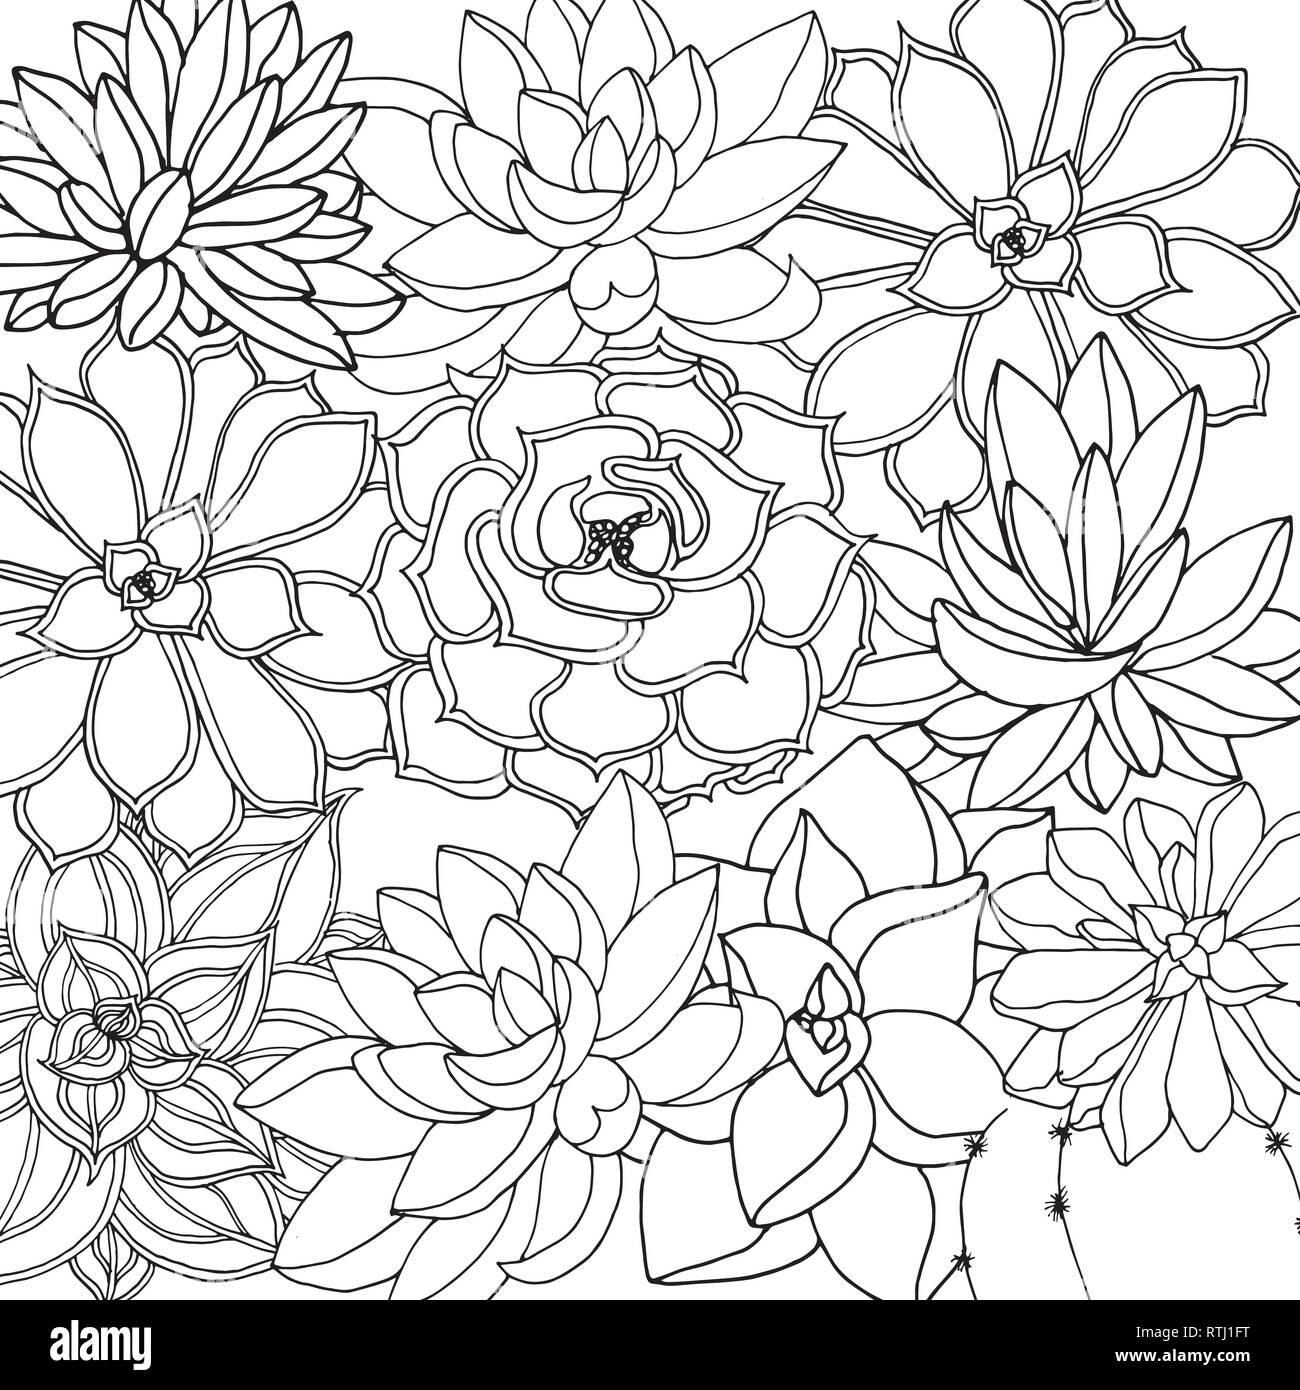 Doodle En Vector Fondo Floral Con Garabatos En Blanco Y Negro Para